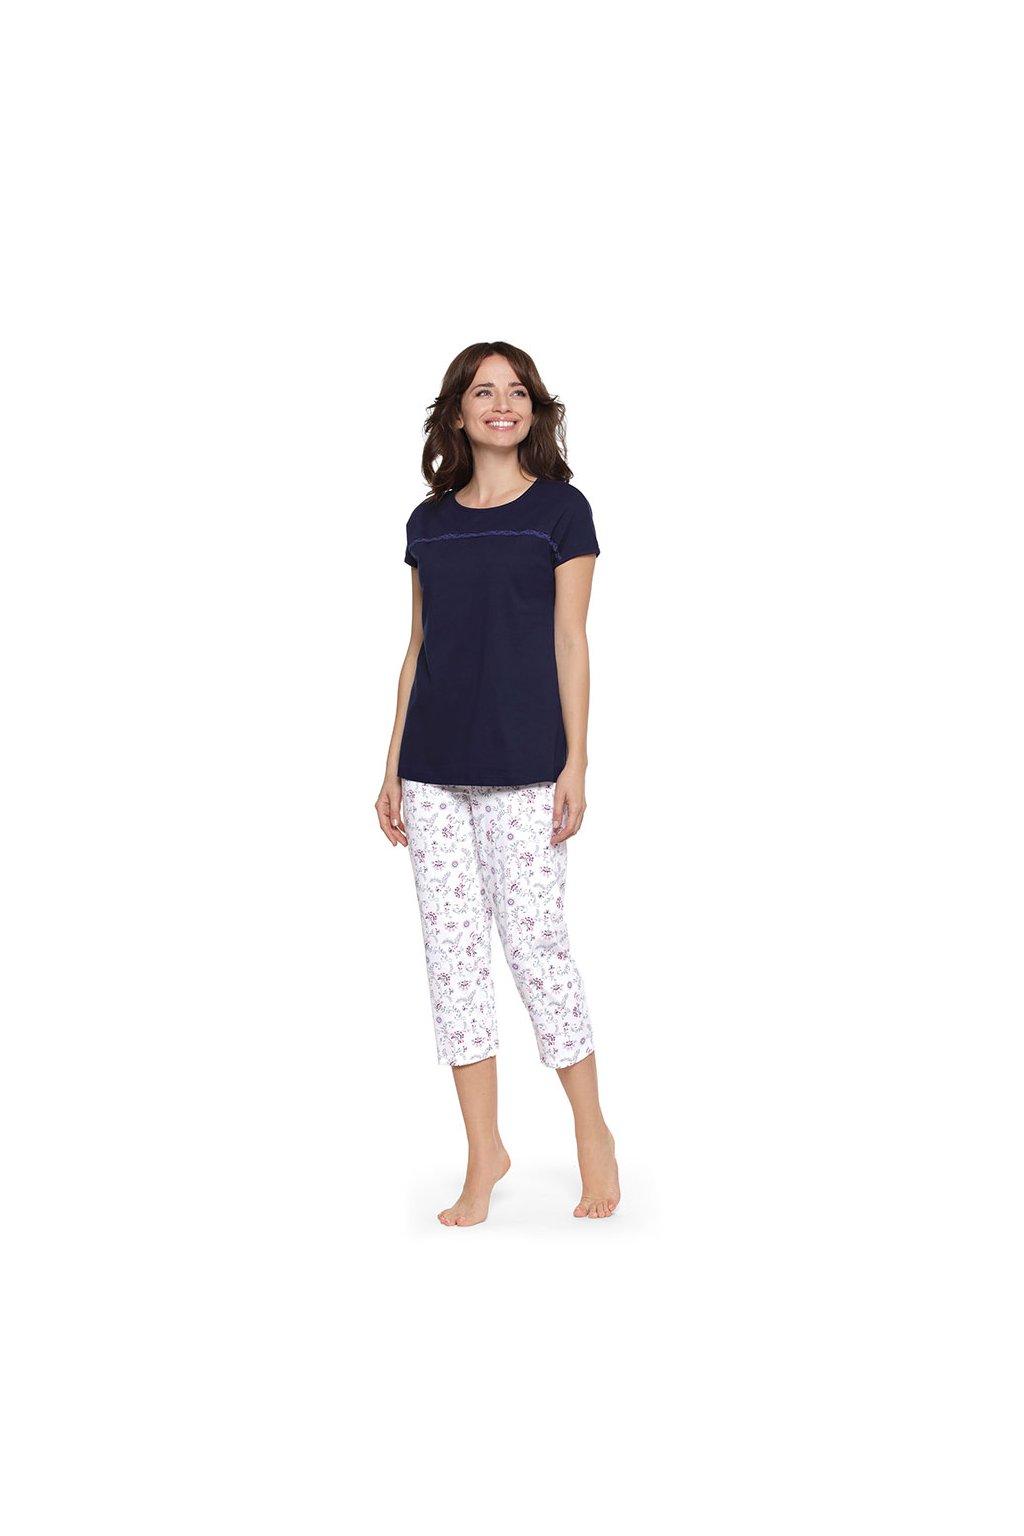 Dámské pyžamo s krátkým rukávem a 3/4 nohavicemi, 104478 163, tmavě modrá